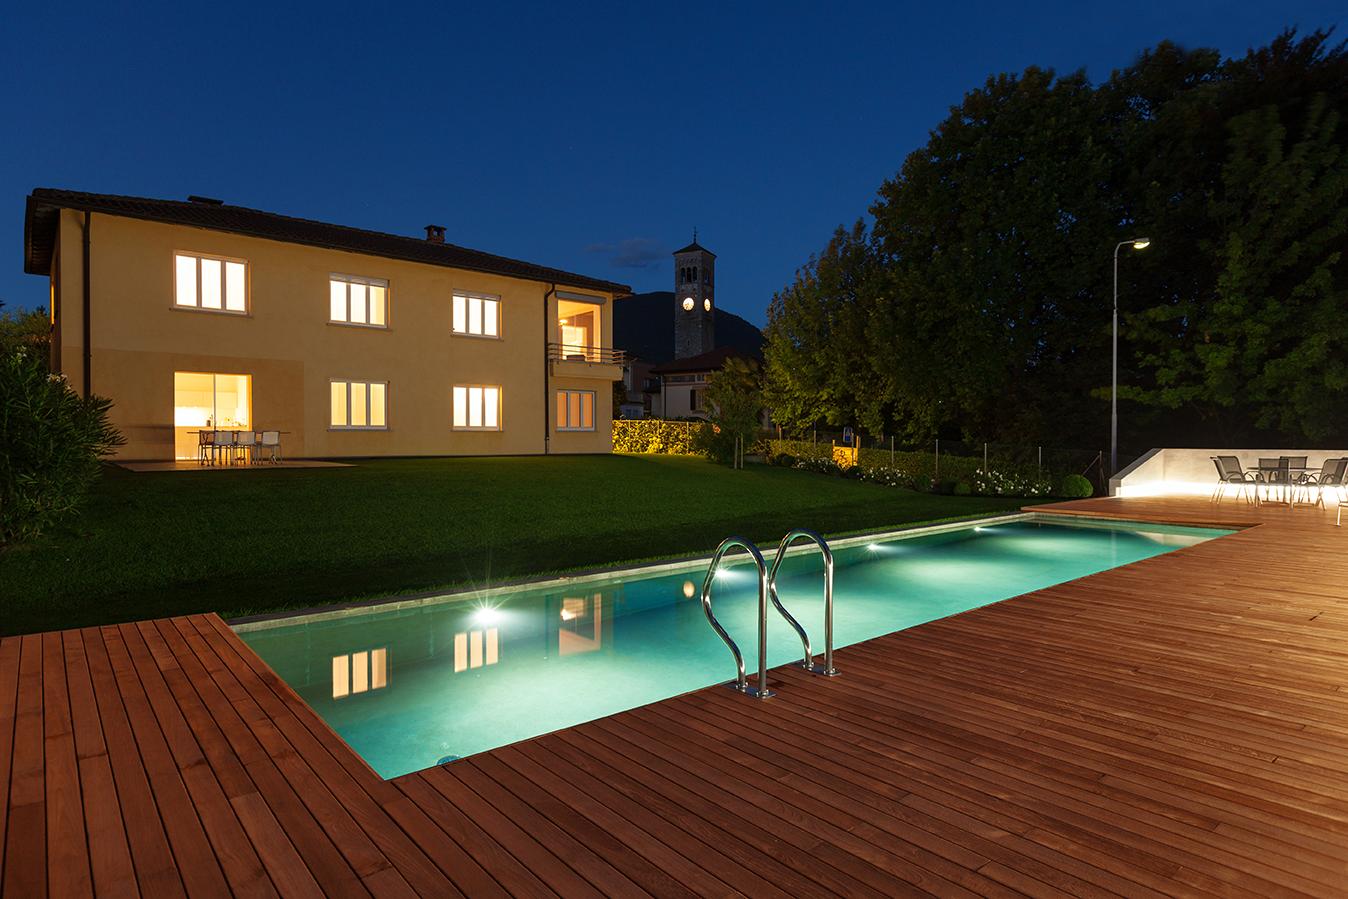 etancheur-piscine